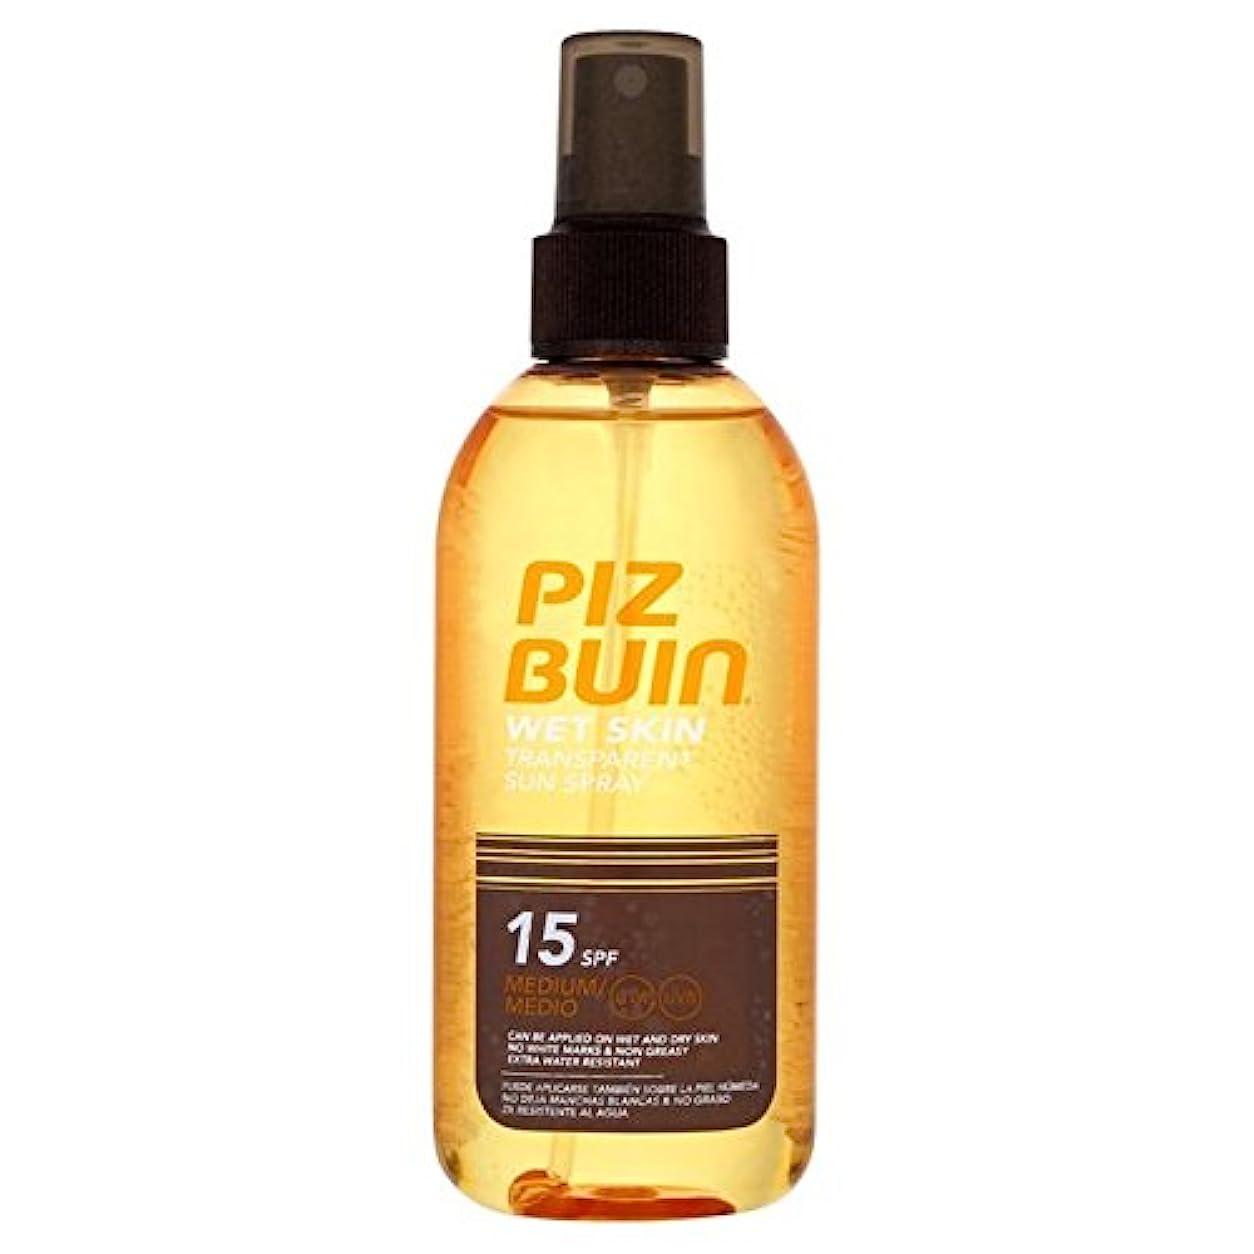 貝殻おばさん解決Piz Buin Wet Transparent Skin SPF15 150ml (Pack of 6) - ピッツブーインの湿った透明肌15の150ミリリットル x6 [並行輸入品]